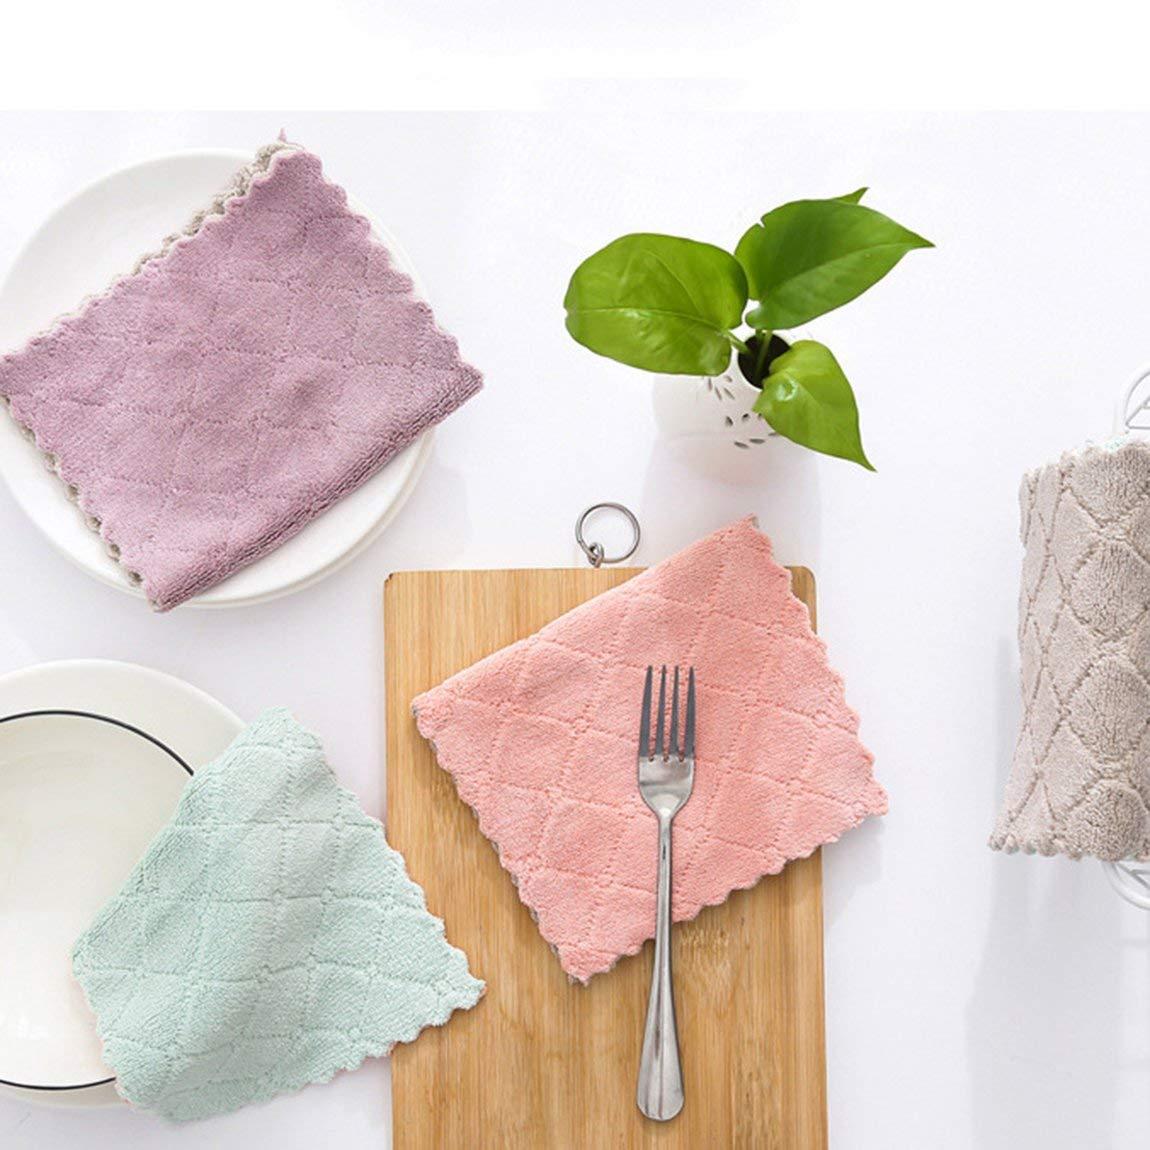 73JohnPol Chiffons de Nettoyage Tout Usage en Microfibre pour essuyer Les Chiffons /à /épousseter hautement absorbants et sans Peluche pour la Maison et la Cuisine caf/é Vert